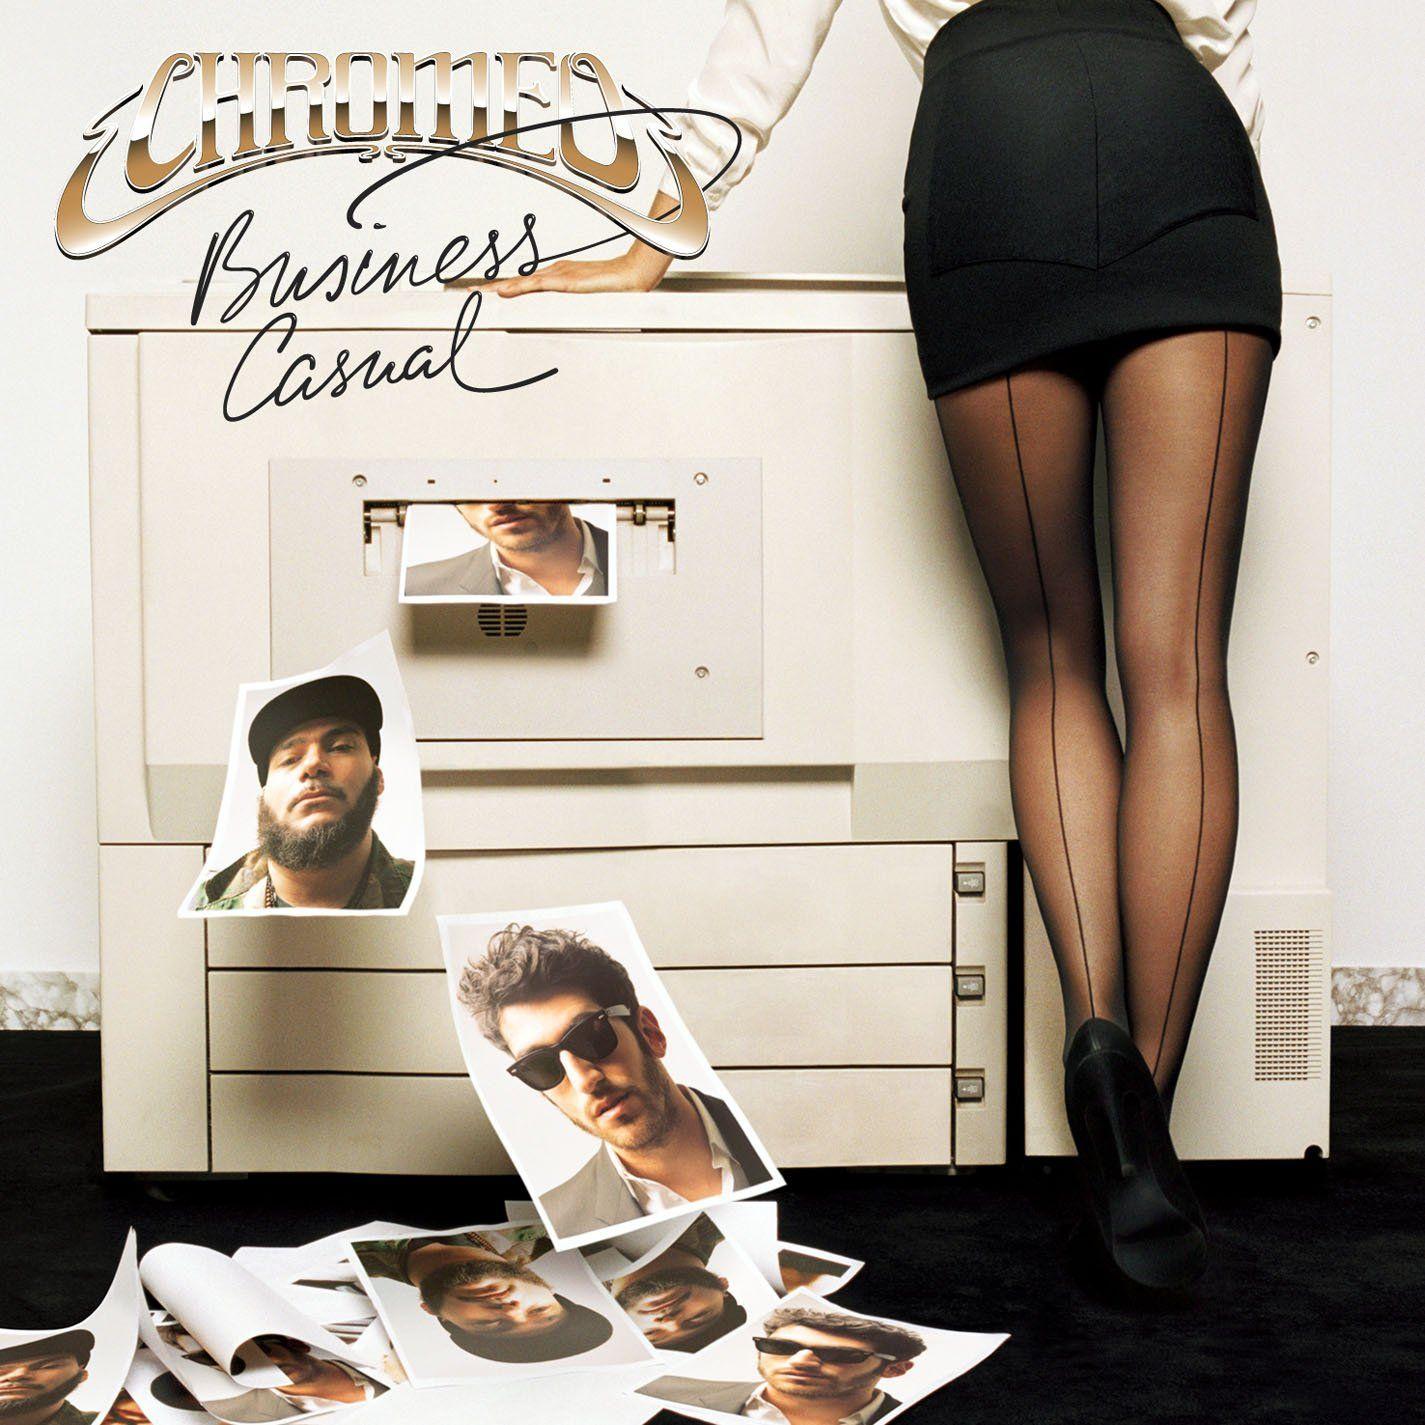 Chromeo - Business Casual album cover